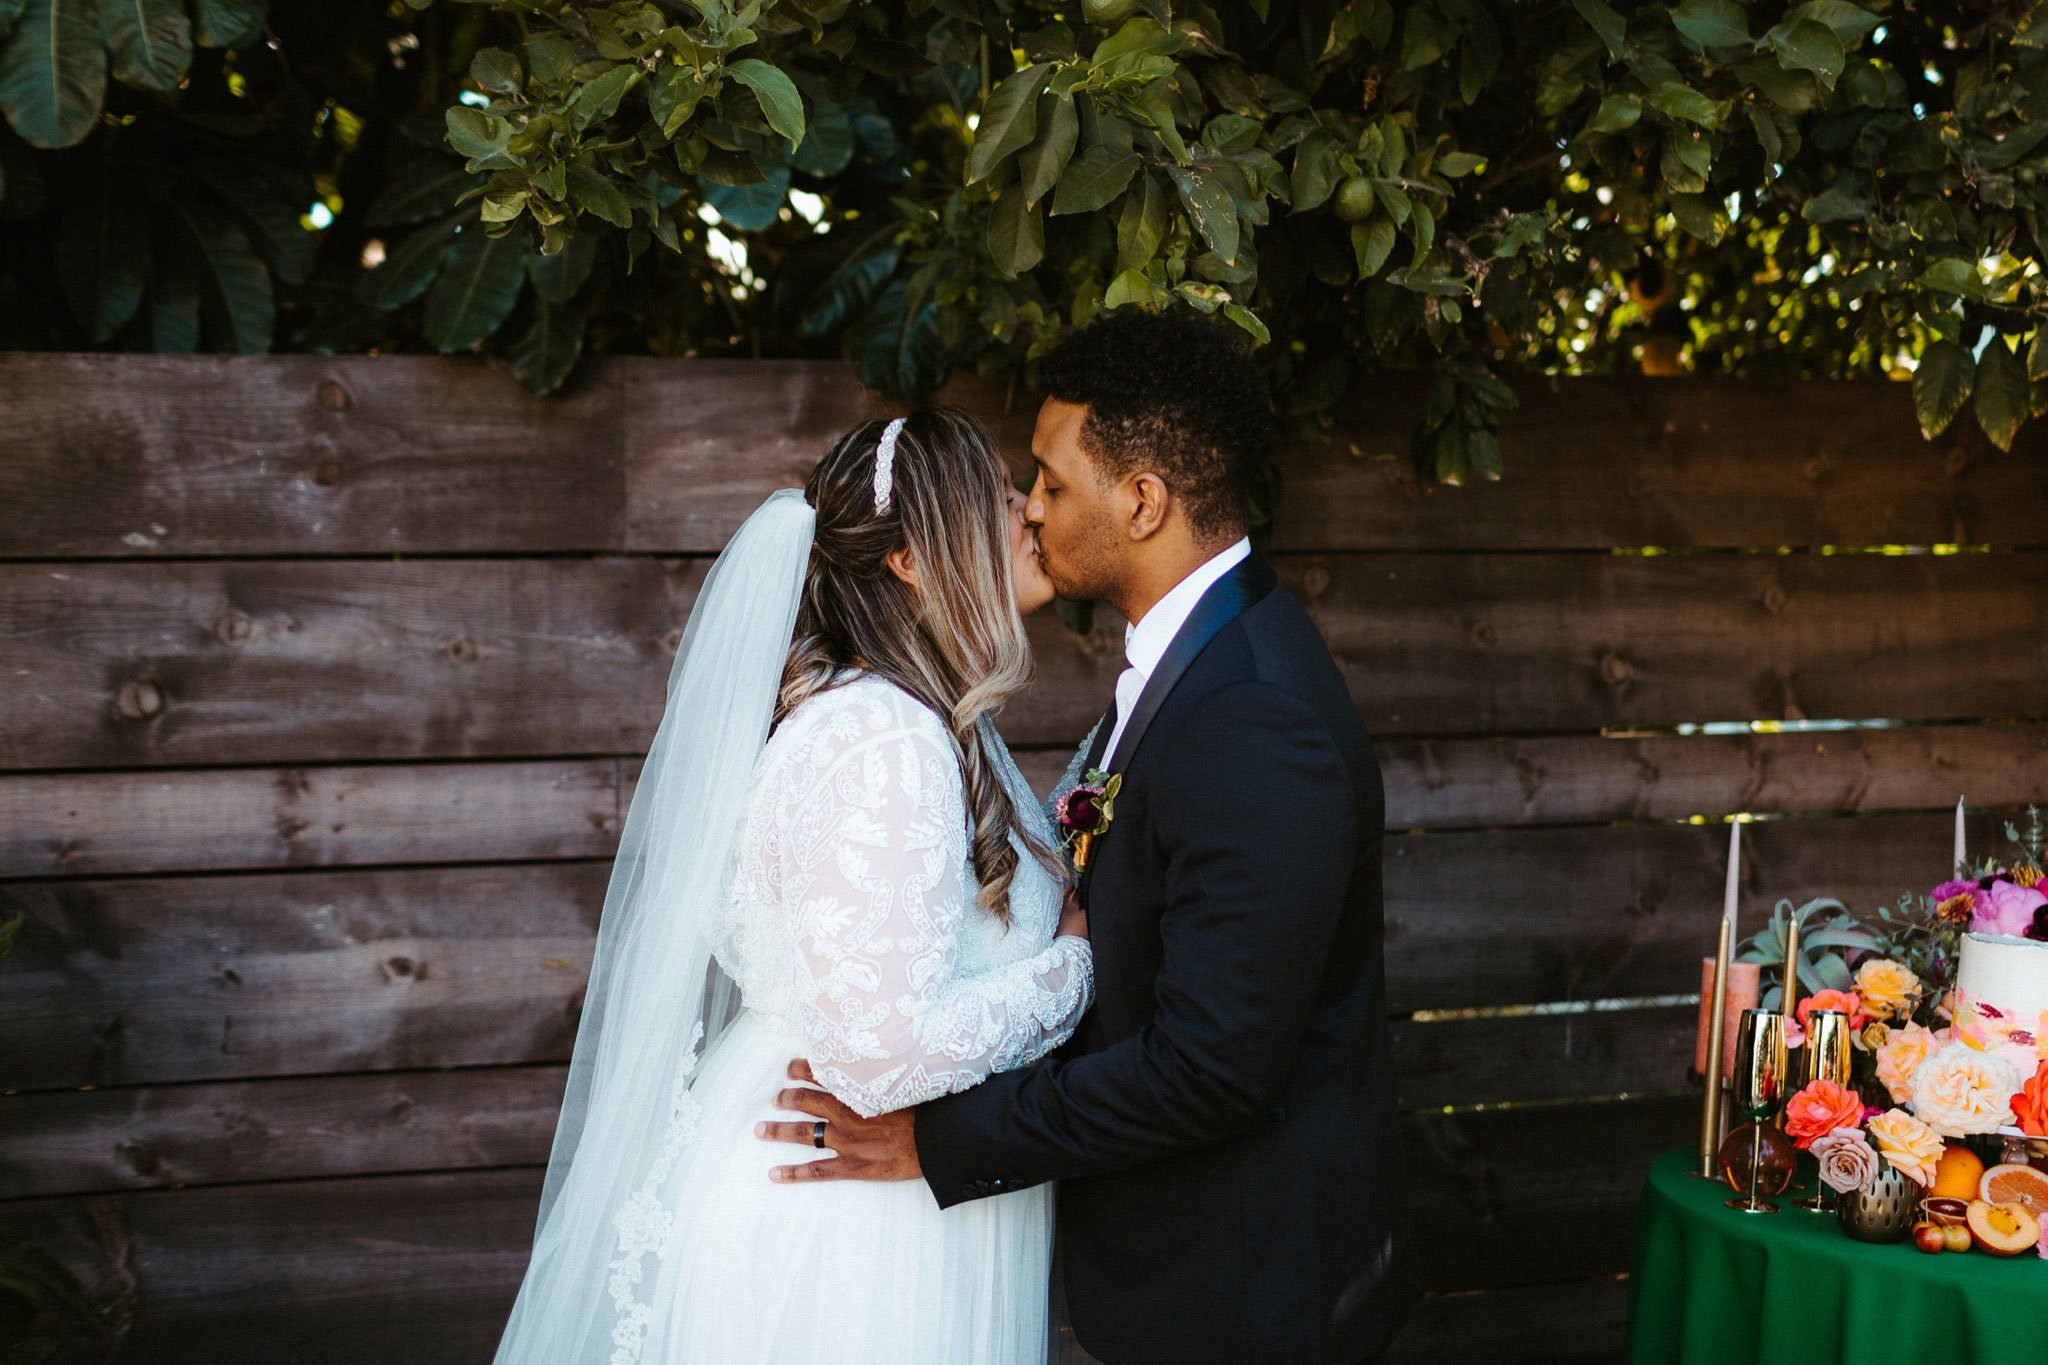 la elopement photos 068